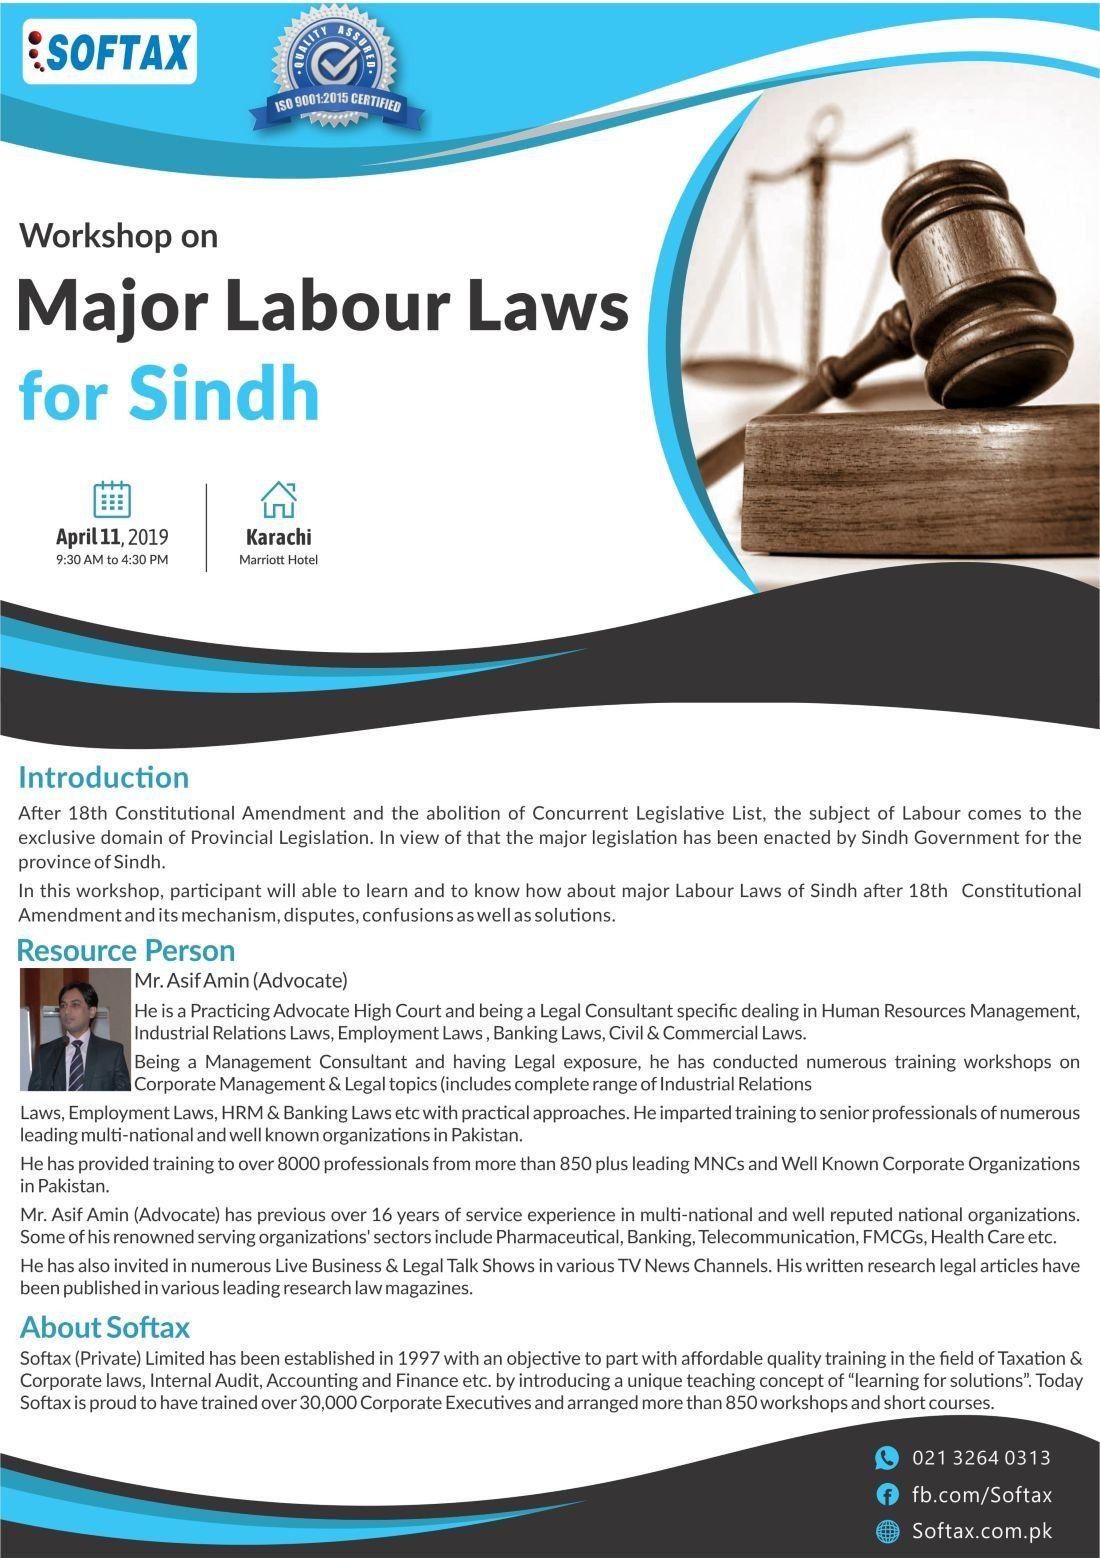 Workshop on Major Labour Laws for Sindh